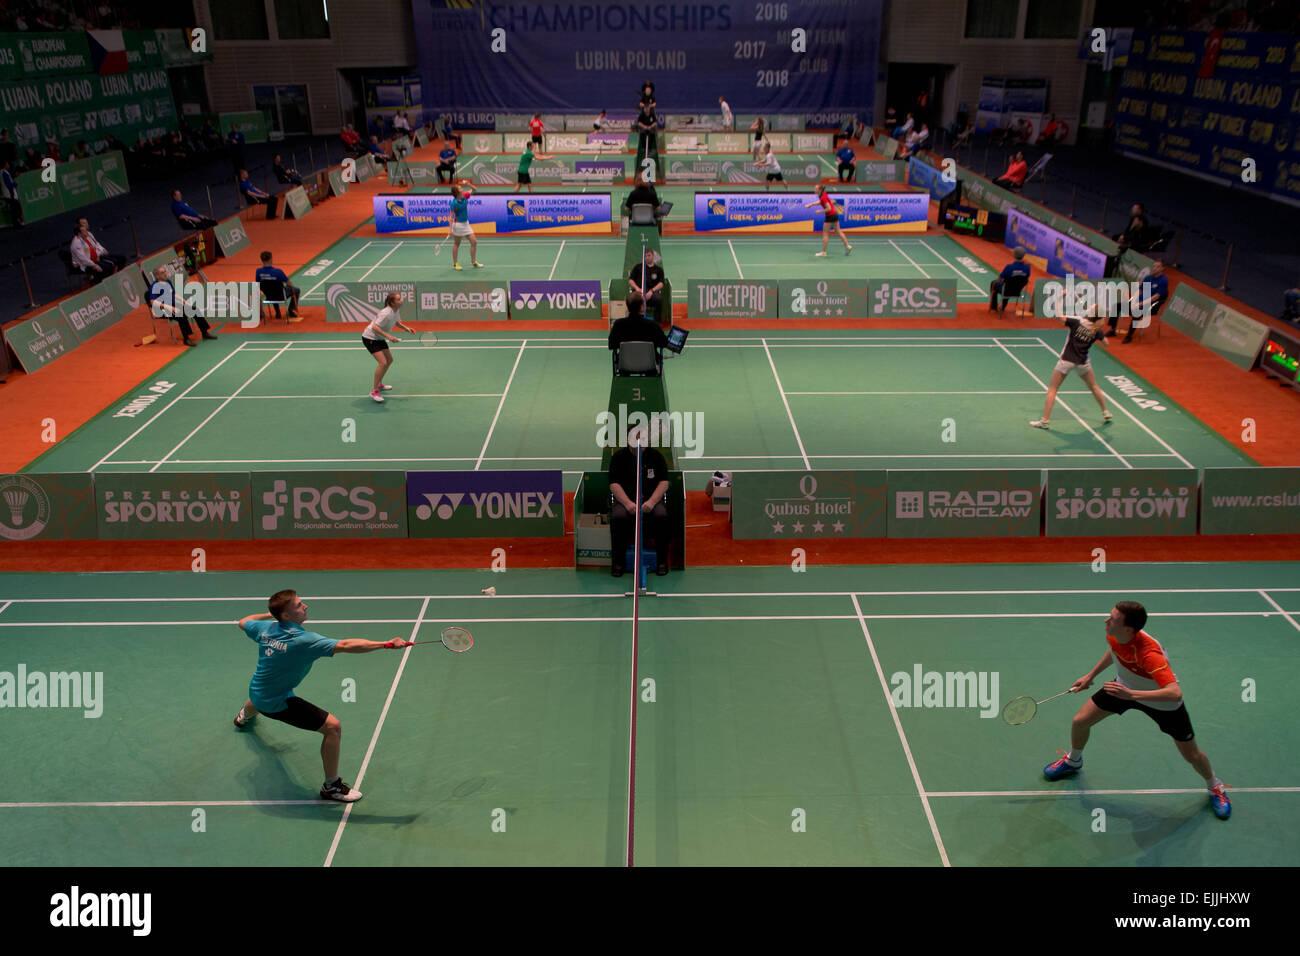 Lubin, Polonia. 27 Mar, 2015. Team nel torneo di badminton durante Campionati Europei Junores 2015. Match Credito: Immagini Stock